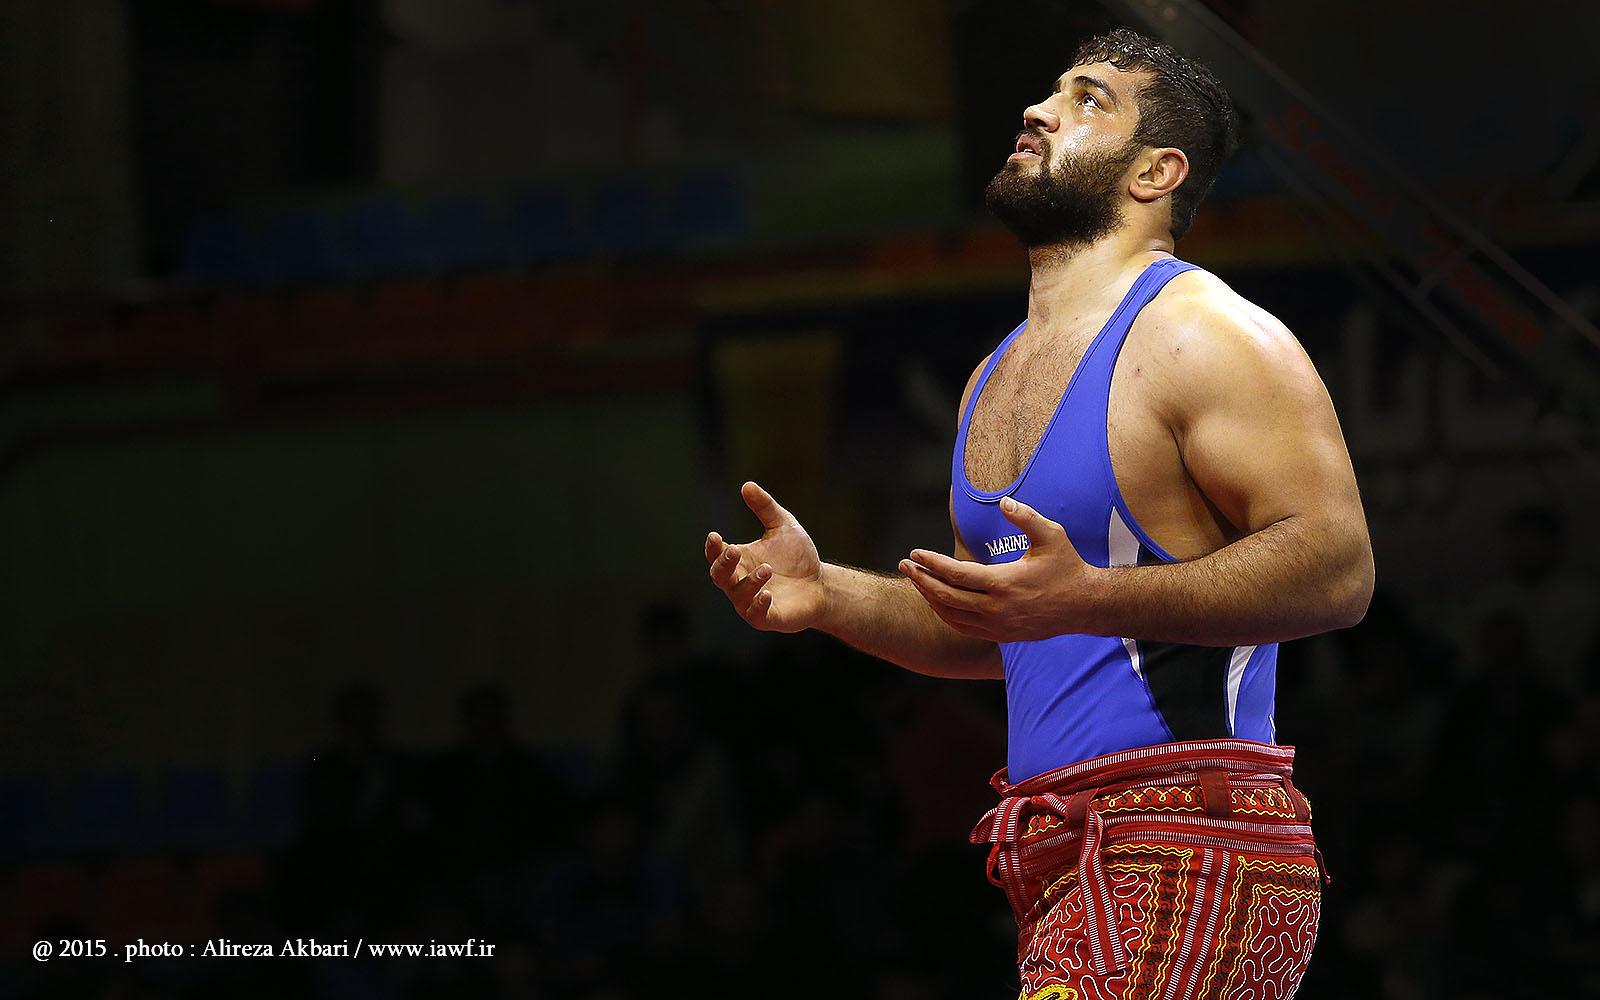 جابر صادق زاده :ورزشکاران و قهرمانان مازندرانی بی نظیرند/از مردم ممنونم